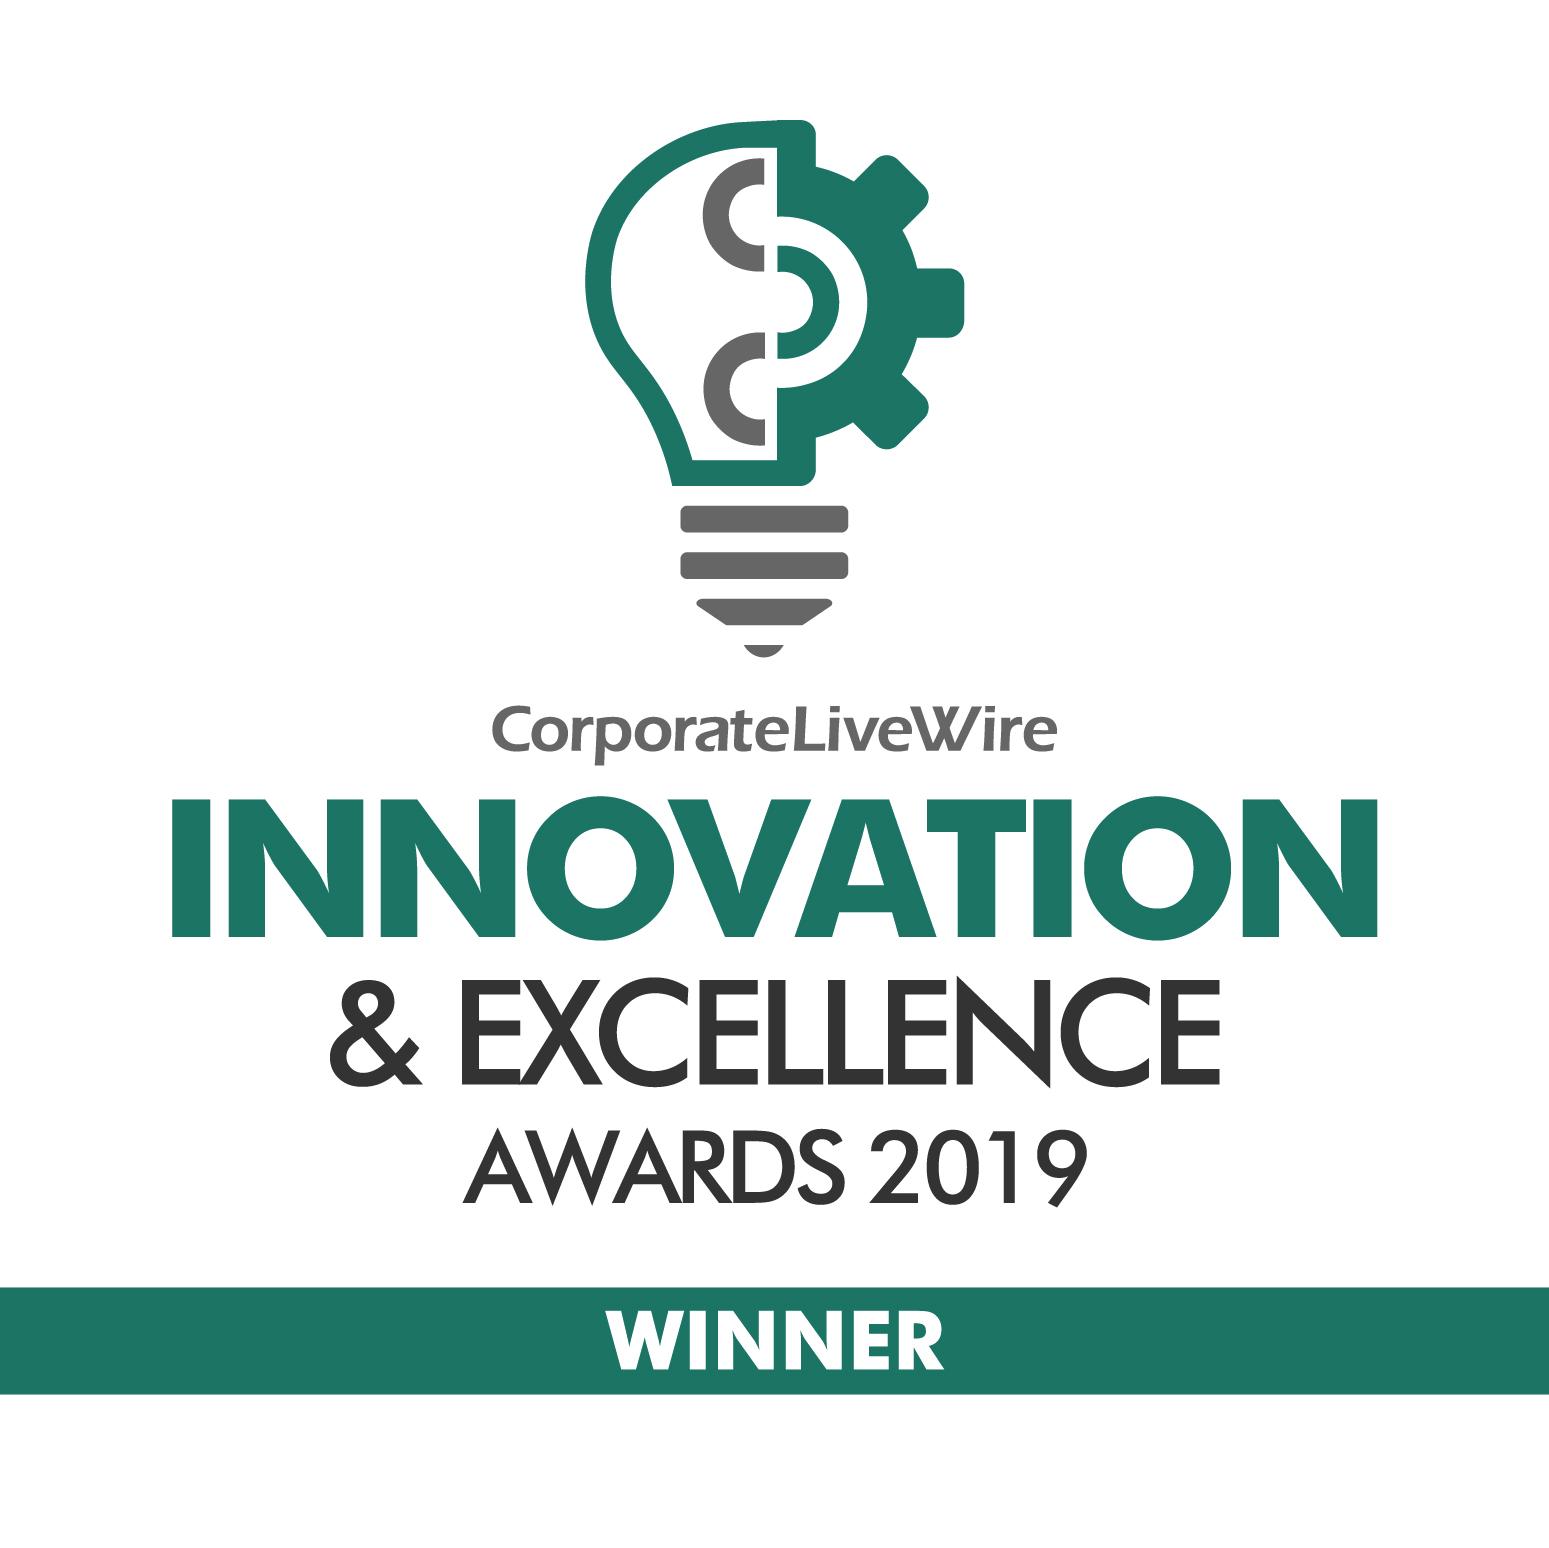 IE Awards 2019 Winner.jpg